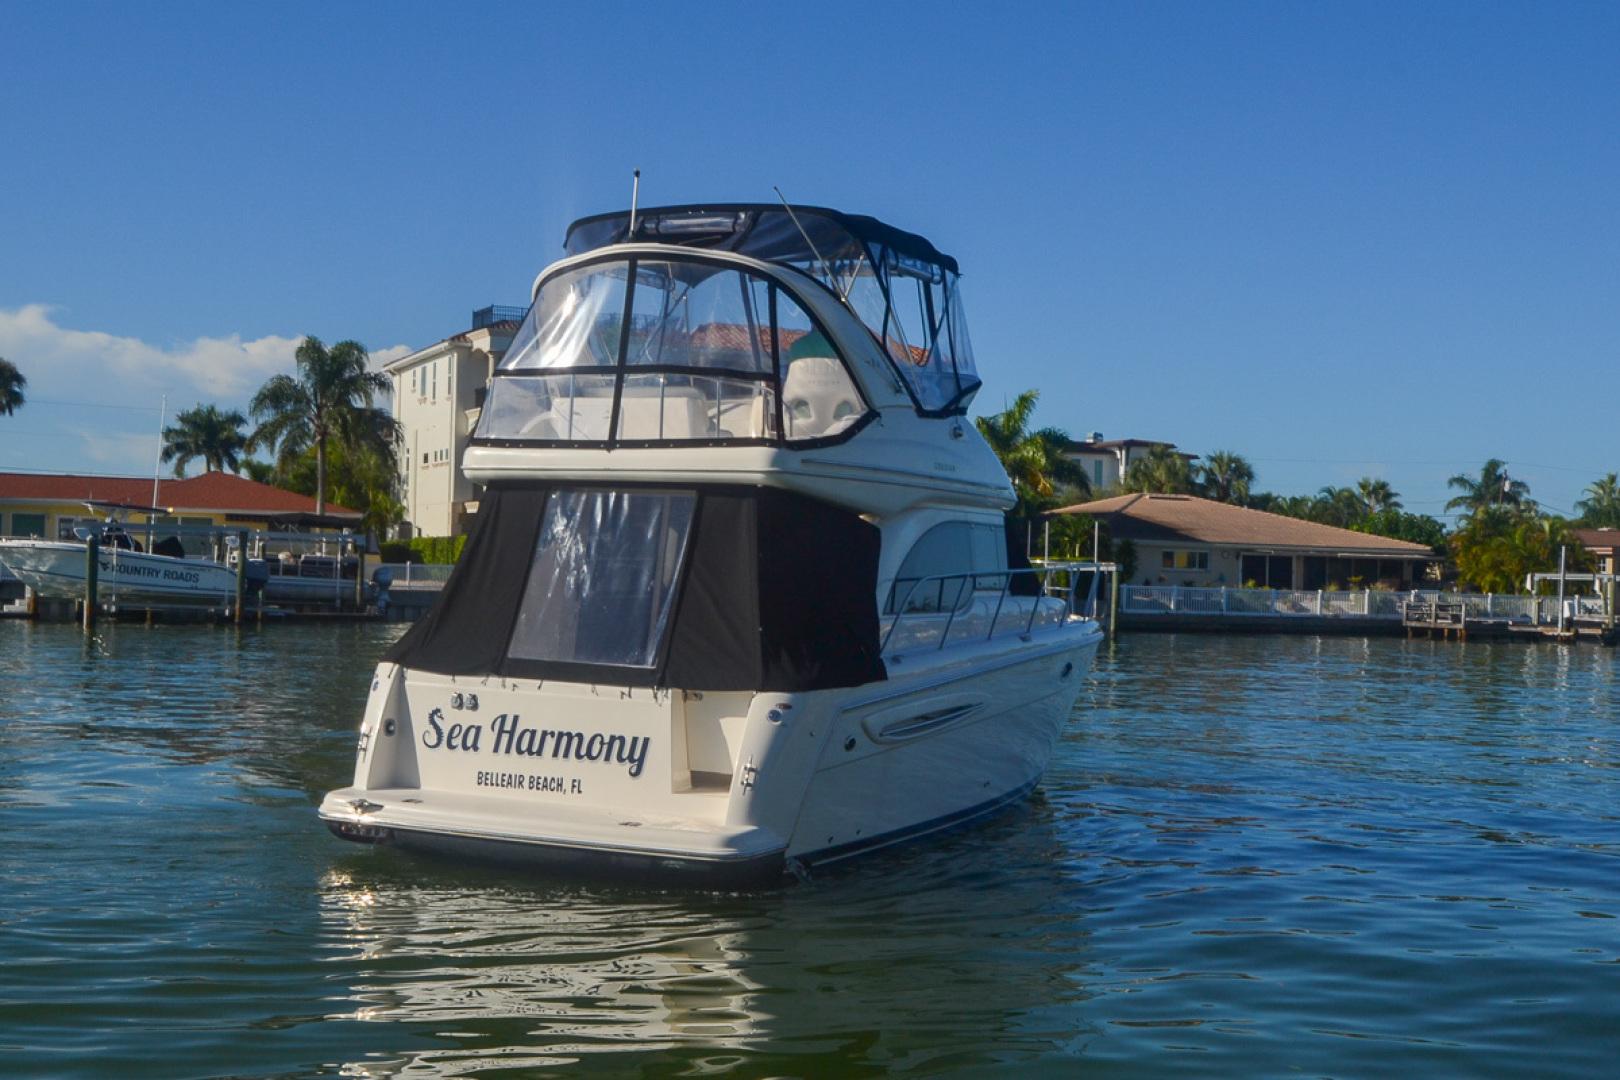 Meridian-341 Sedan 2004-Sea Harmony Belleair Beach-Florida-United States-1496605 | Thumbnail